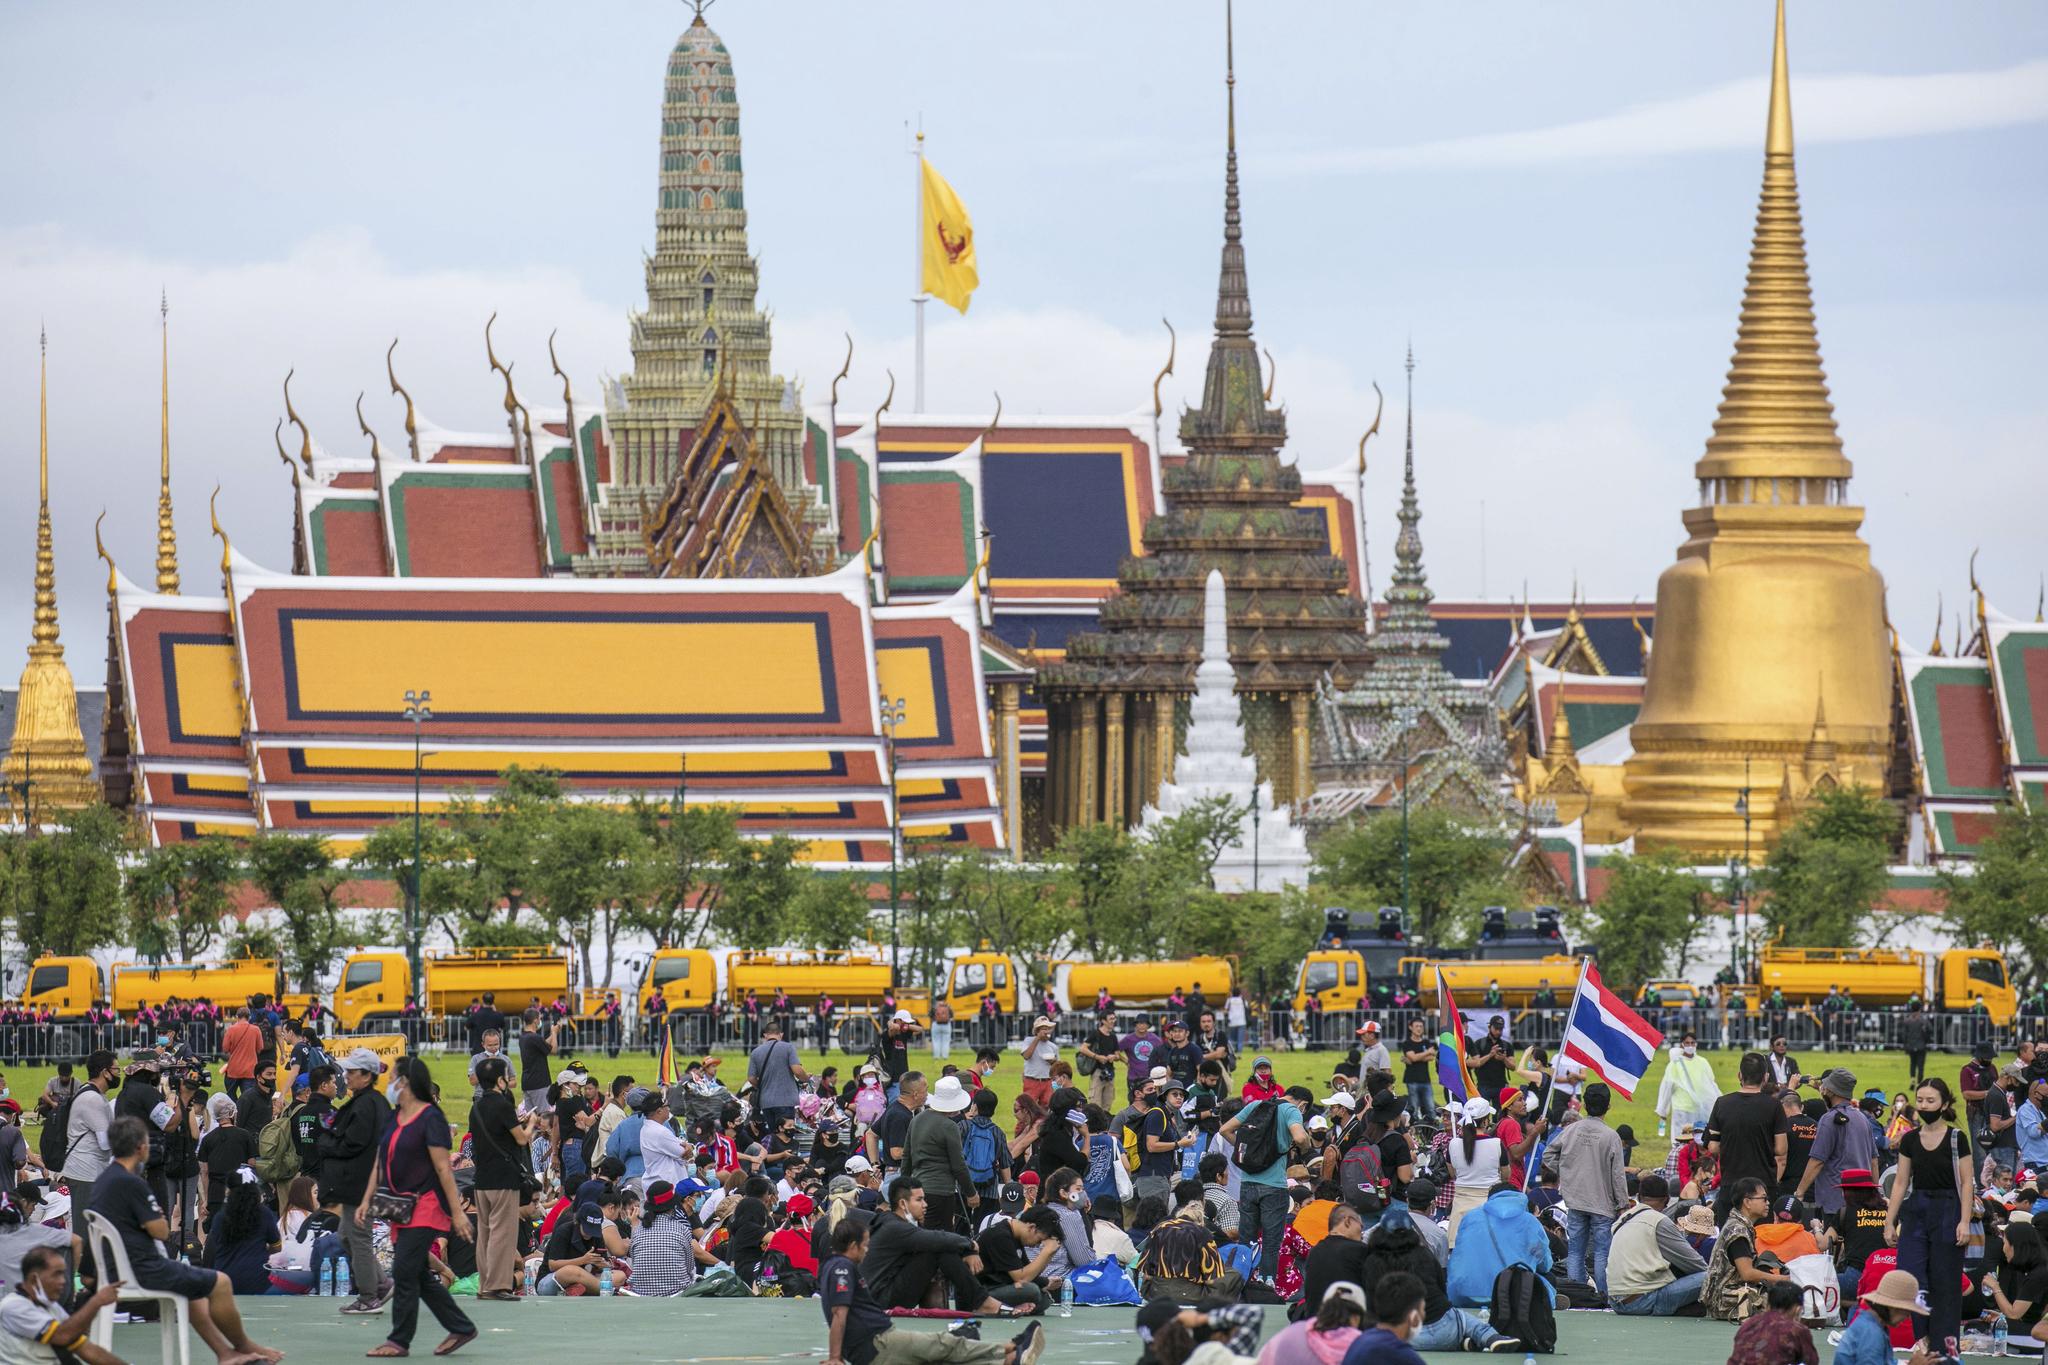 태국의 반정부 시위대가 20일(현지시간) 방콕 사남 루엉 광장에 집결해 있다. AP=연합뉴스